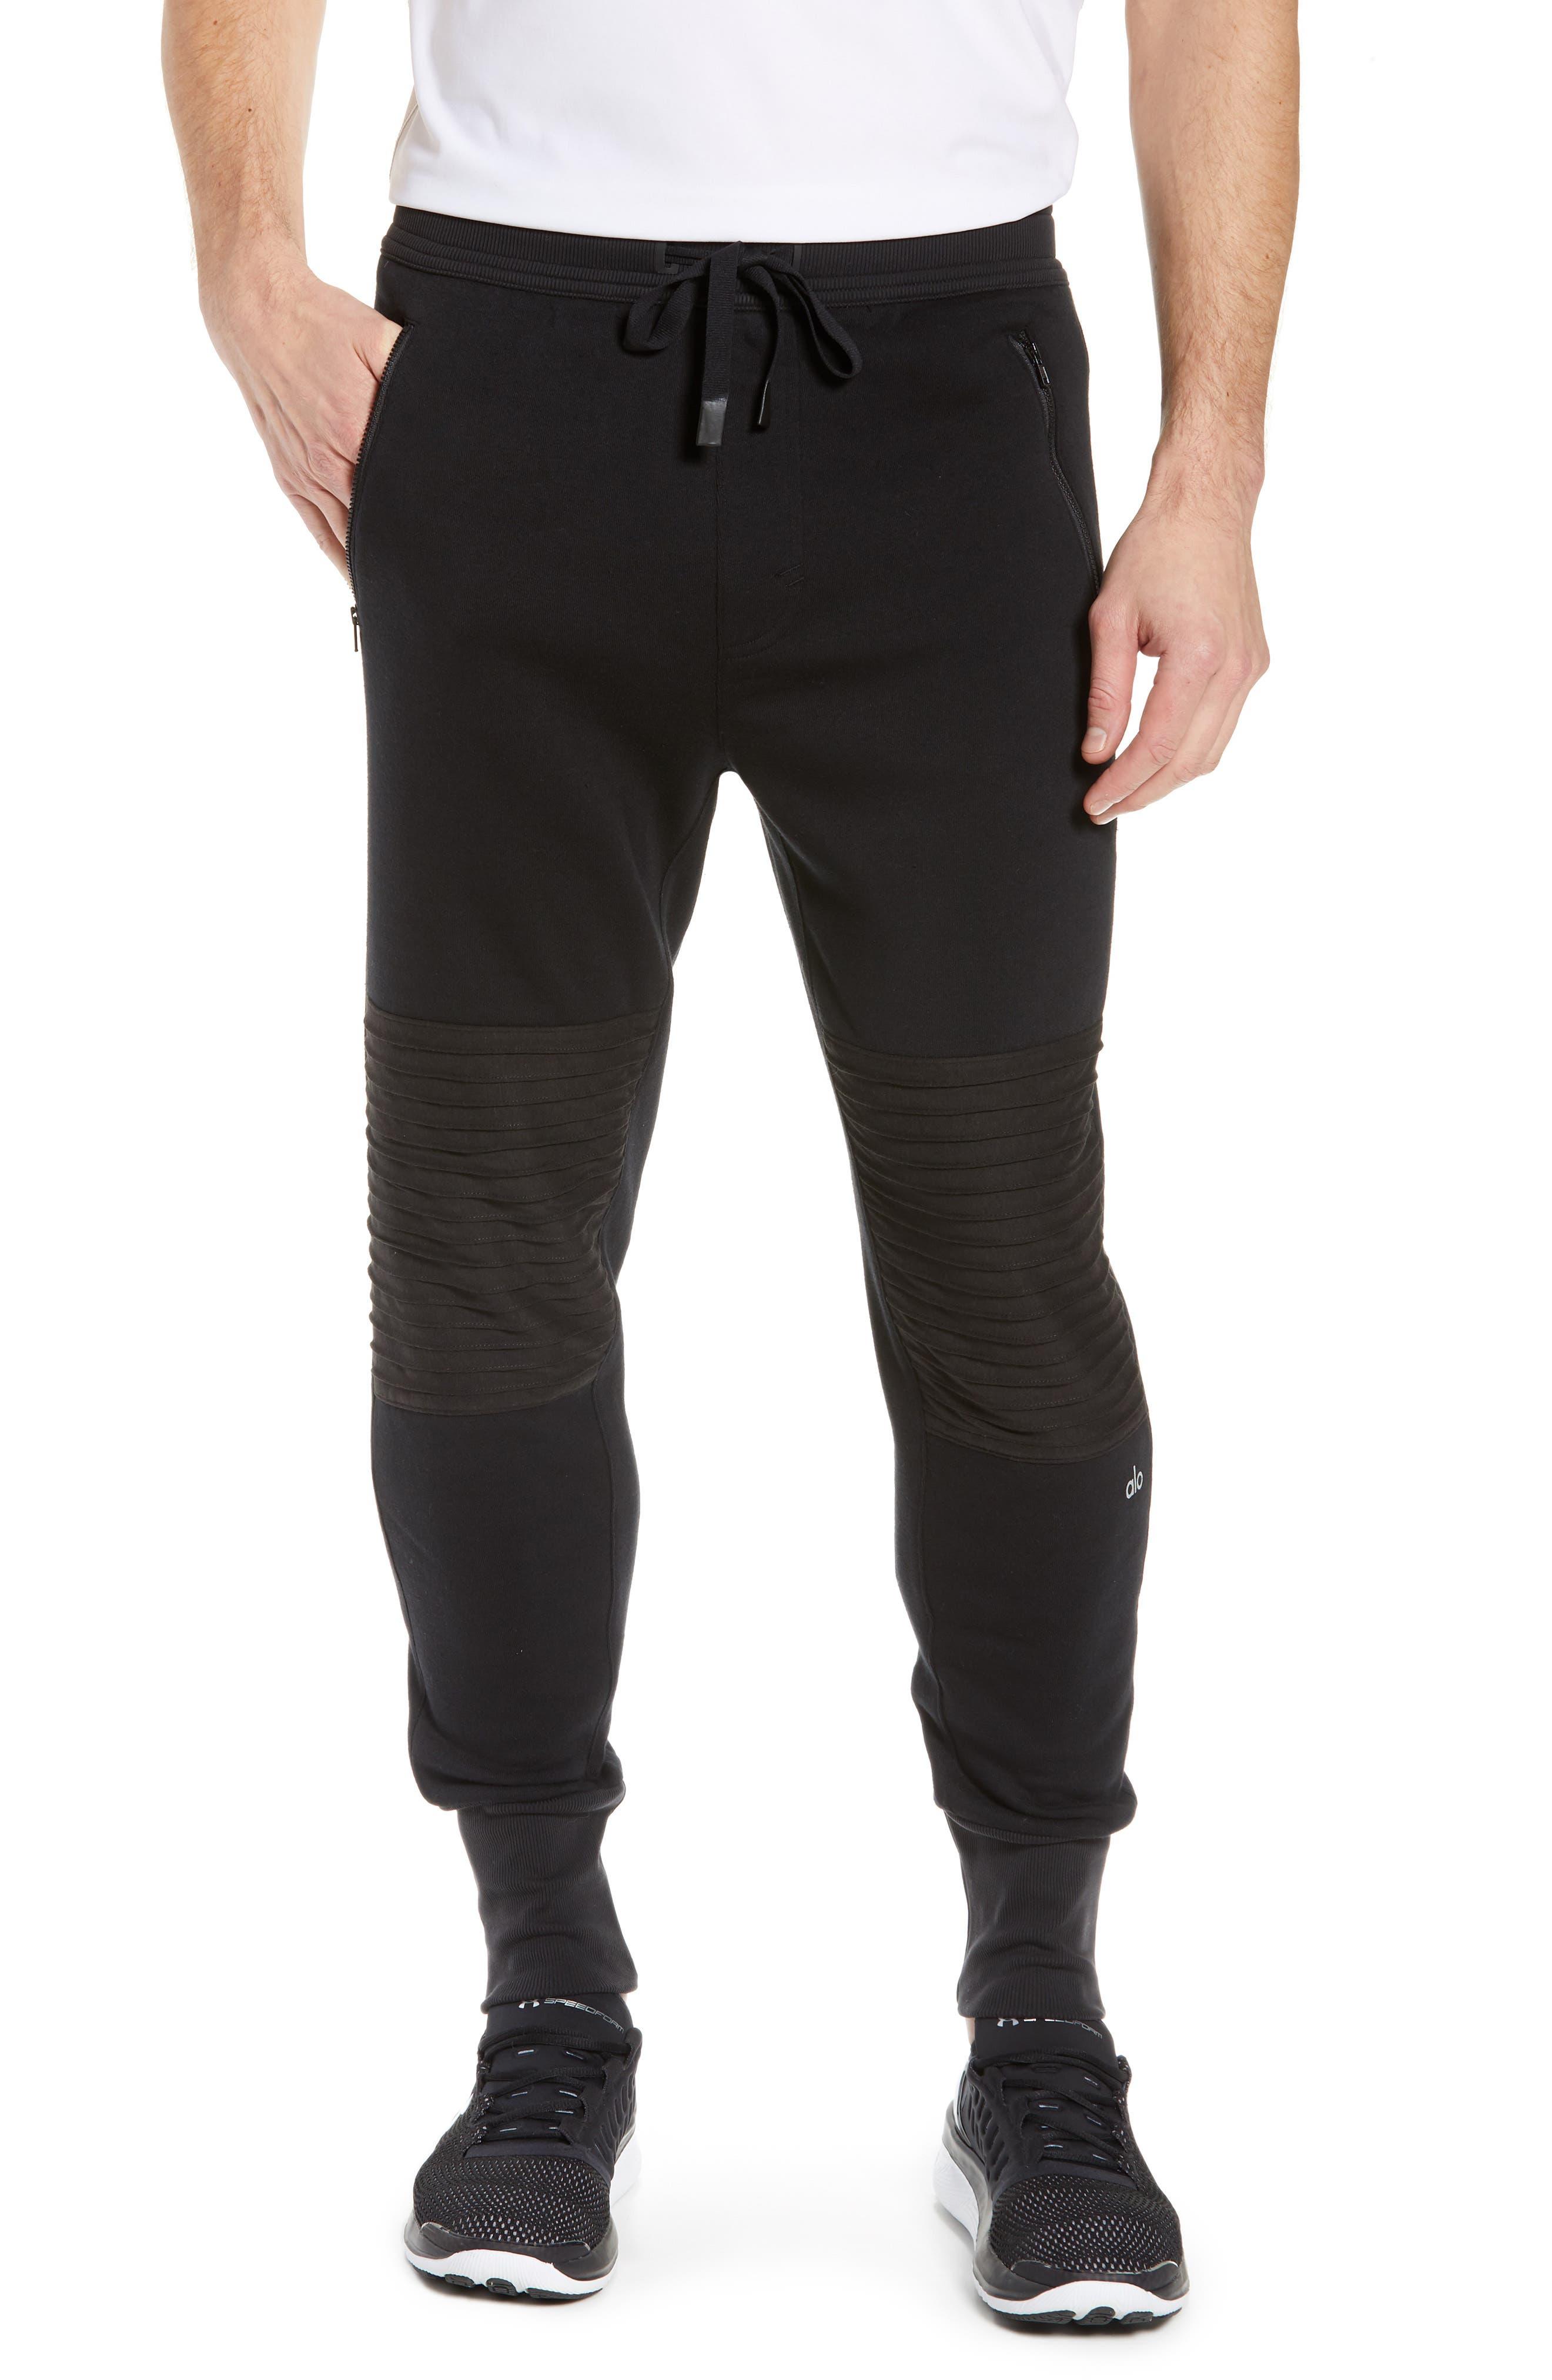 Moto Jogger Pants,                             Main thumbnail 1, color,                             SOLID BLACK